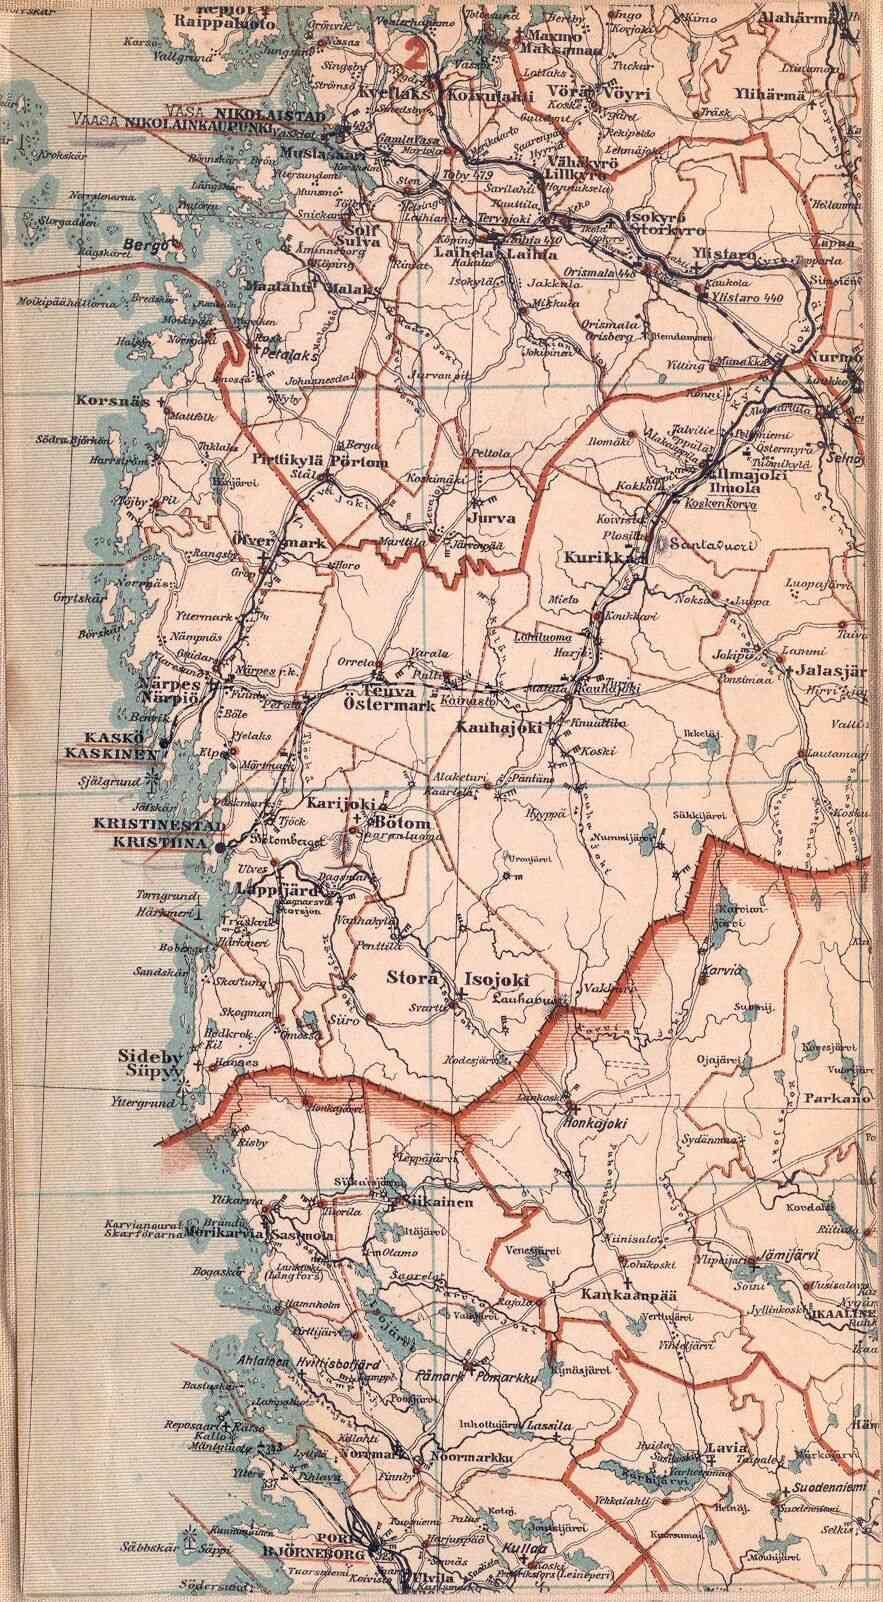 Suomenmaan kartta 1898 osa b2. Vaasa (Nikolaistad - Nikolainkaupunki)